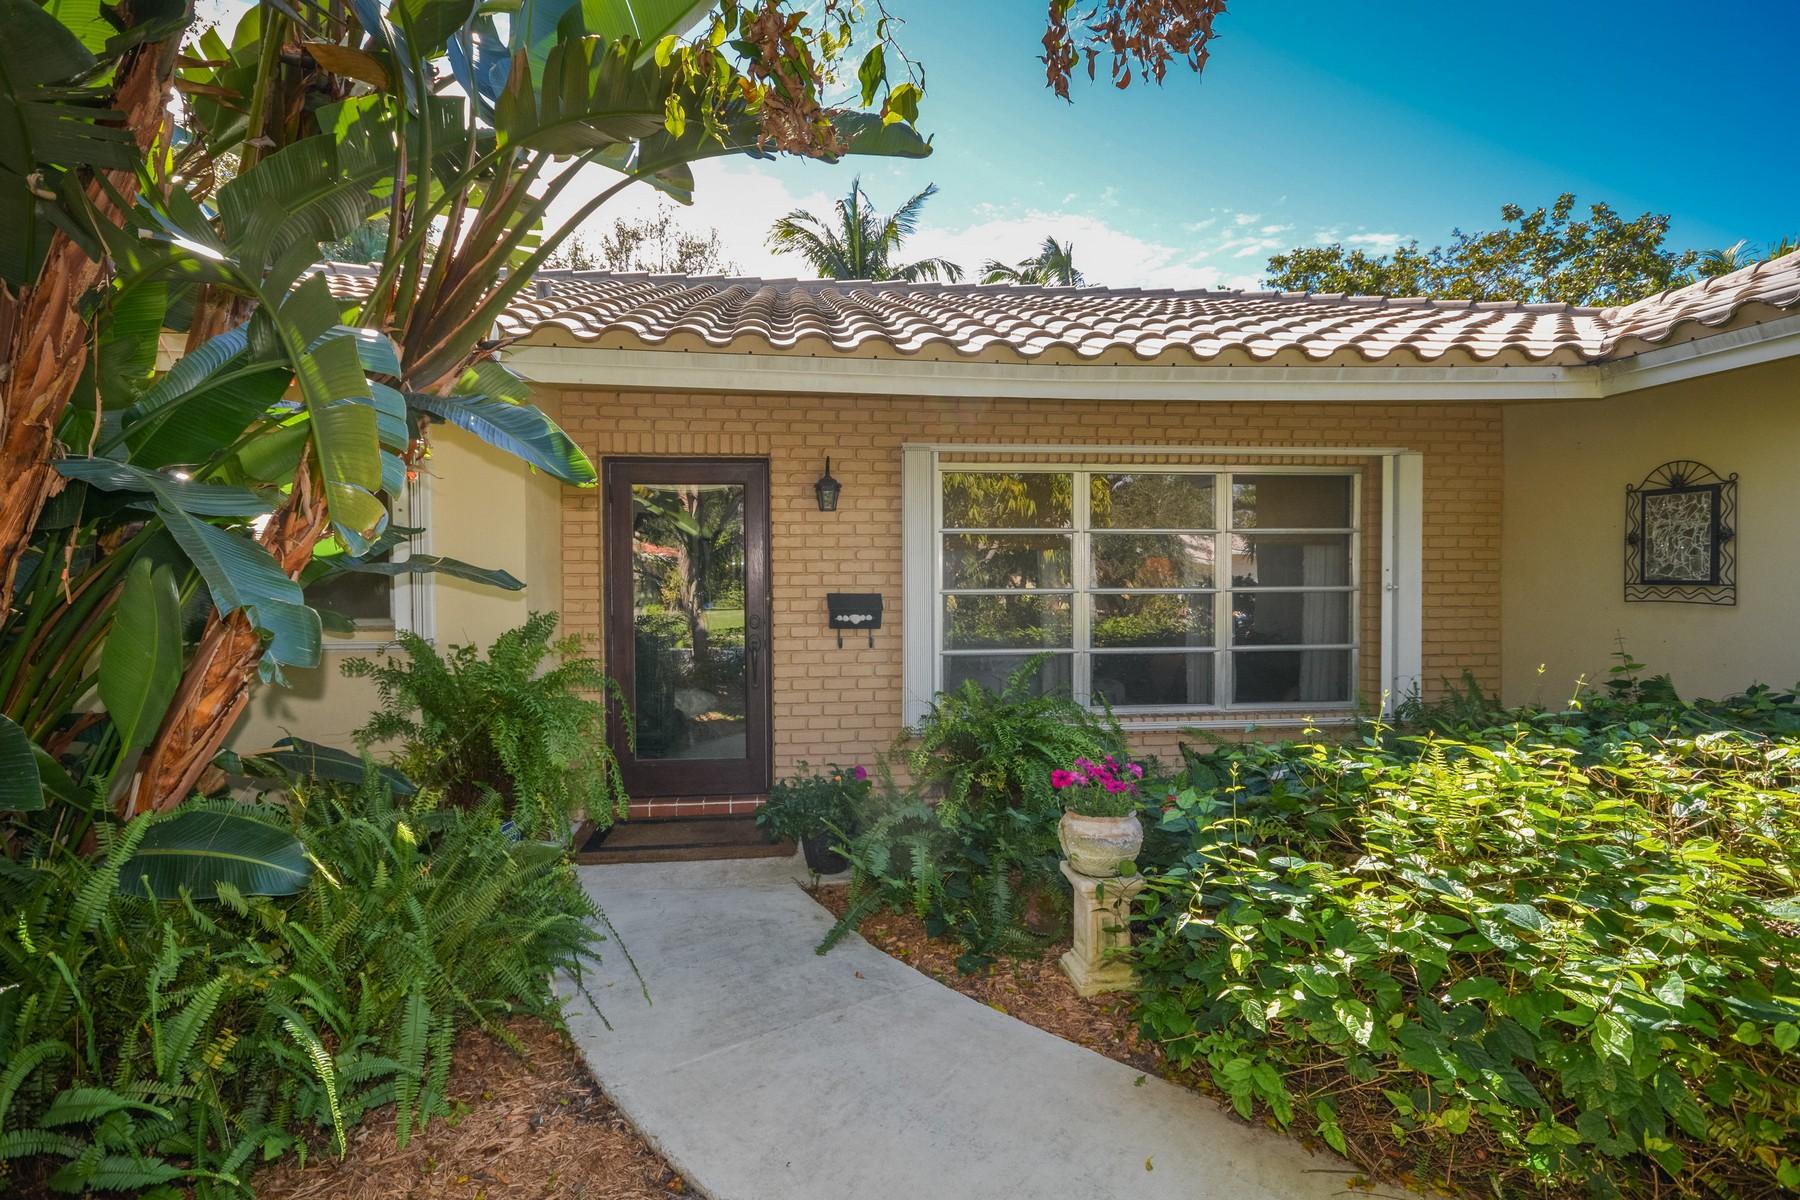 独户住宅 为 销售 在 1258 SW 14th St , Boca Raton, FL 33486 博卡拉顿, 佛罗里达州, 33486 美国